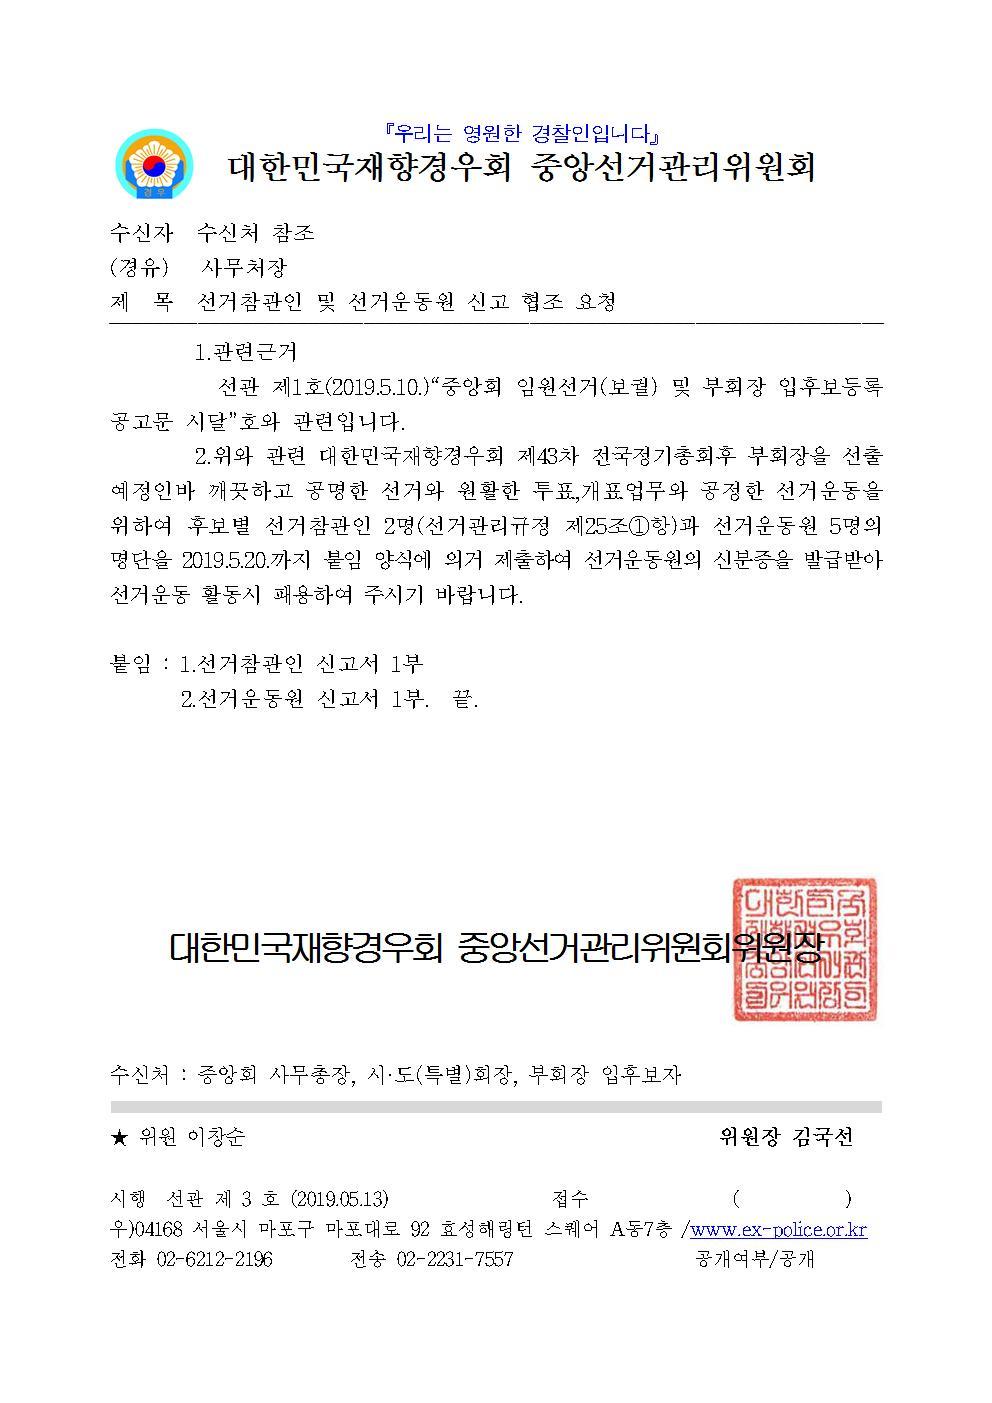 6-2.(시행문)참관인 및 운동원 신고 협조요청001.jpg